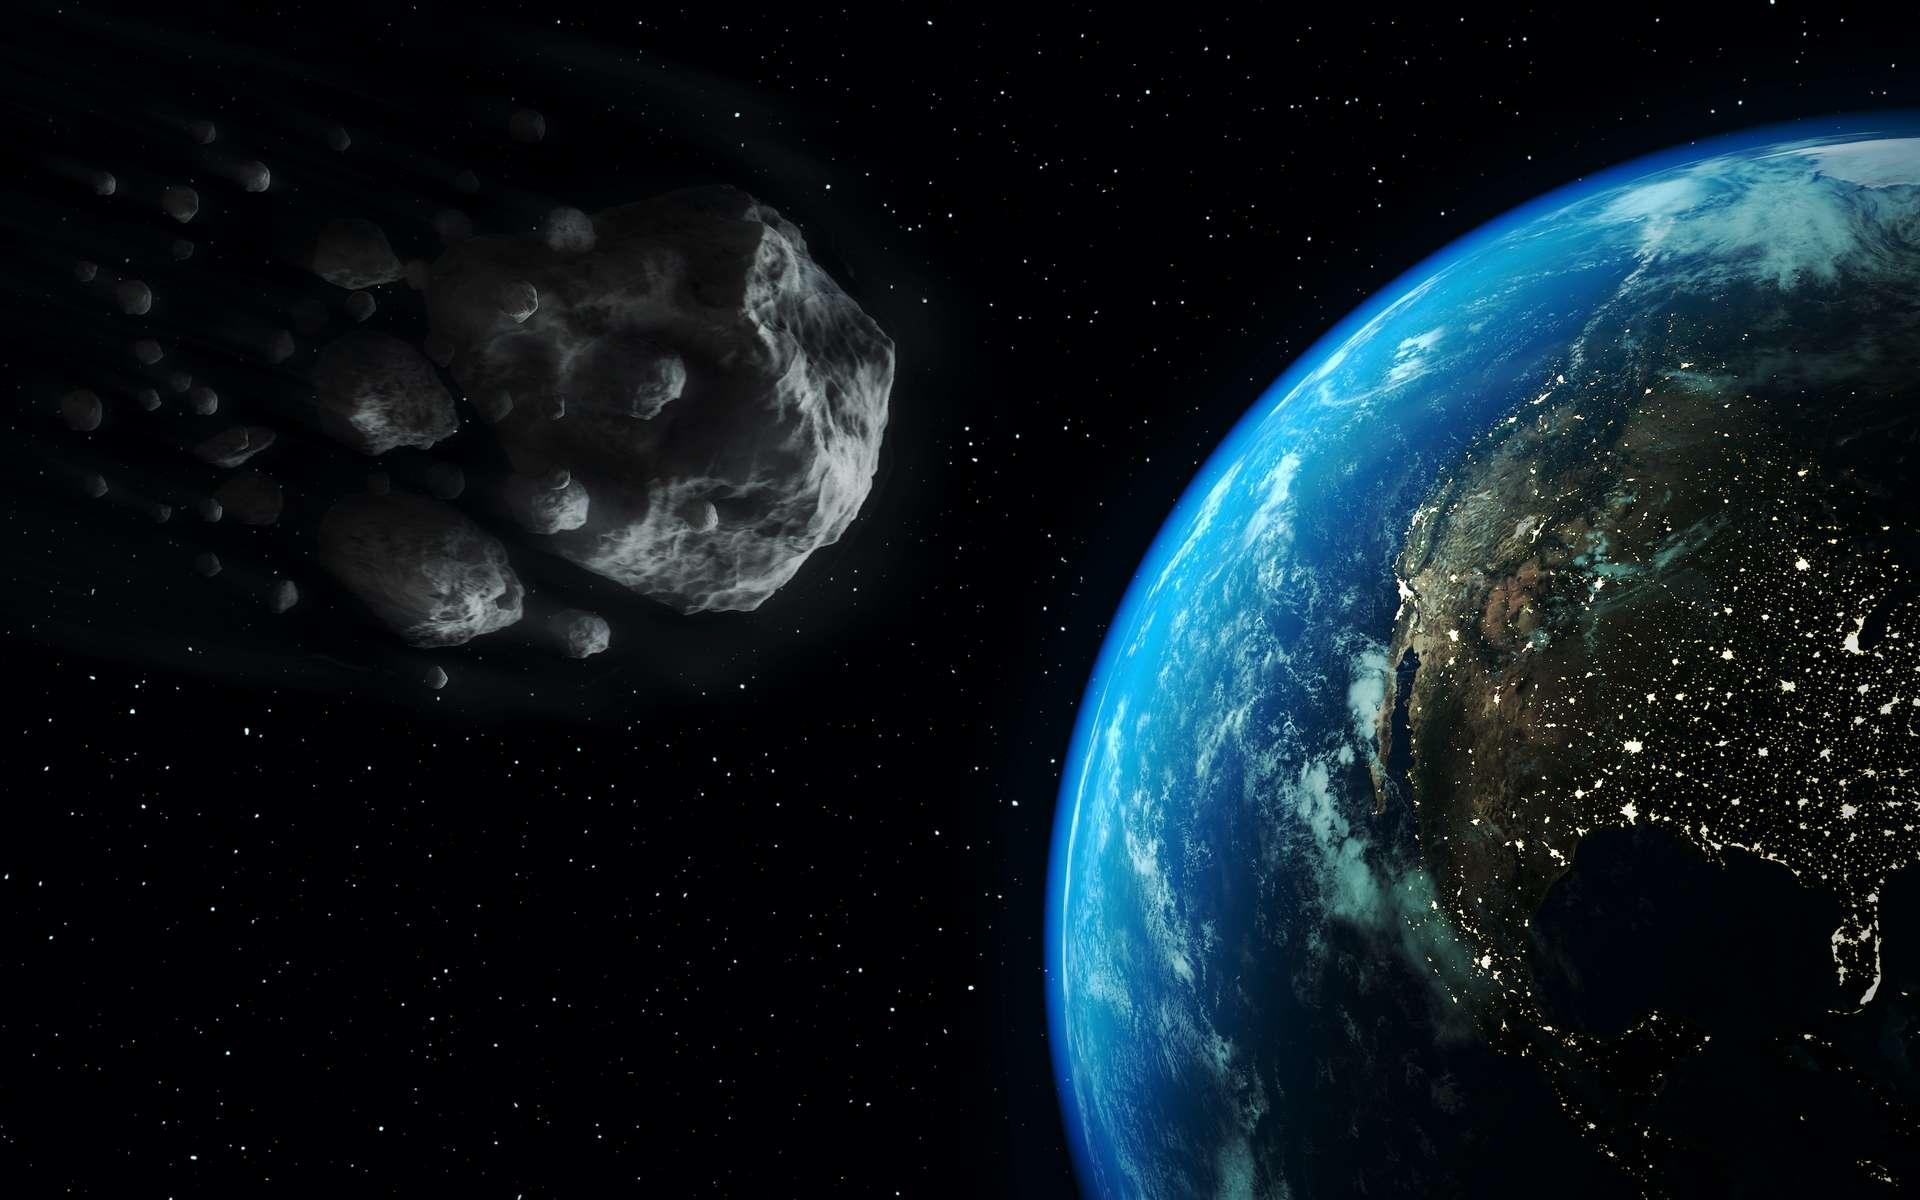 L'aastéroïde 2018 VP1 est de retour près de la Terre, deux après sa découverte. Va-t-il entrer en collision avec la Terre le 2 novembre, la veille des élections présidentielles américaines ? © Marcos Silva, Adobe Stock